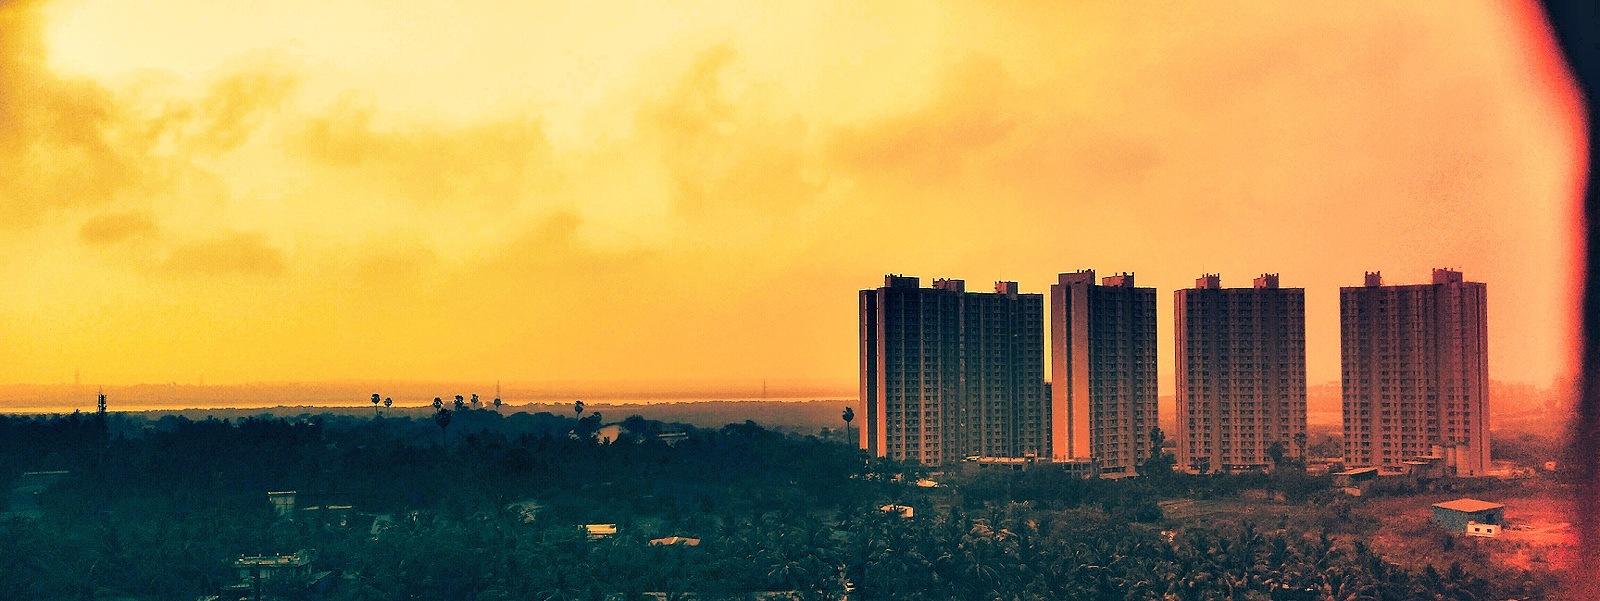 In flames by Aman Bhardwaj